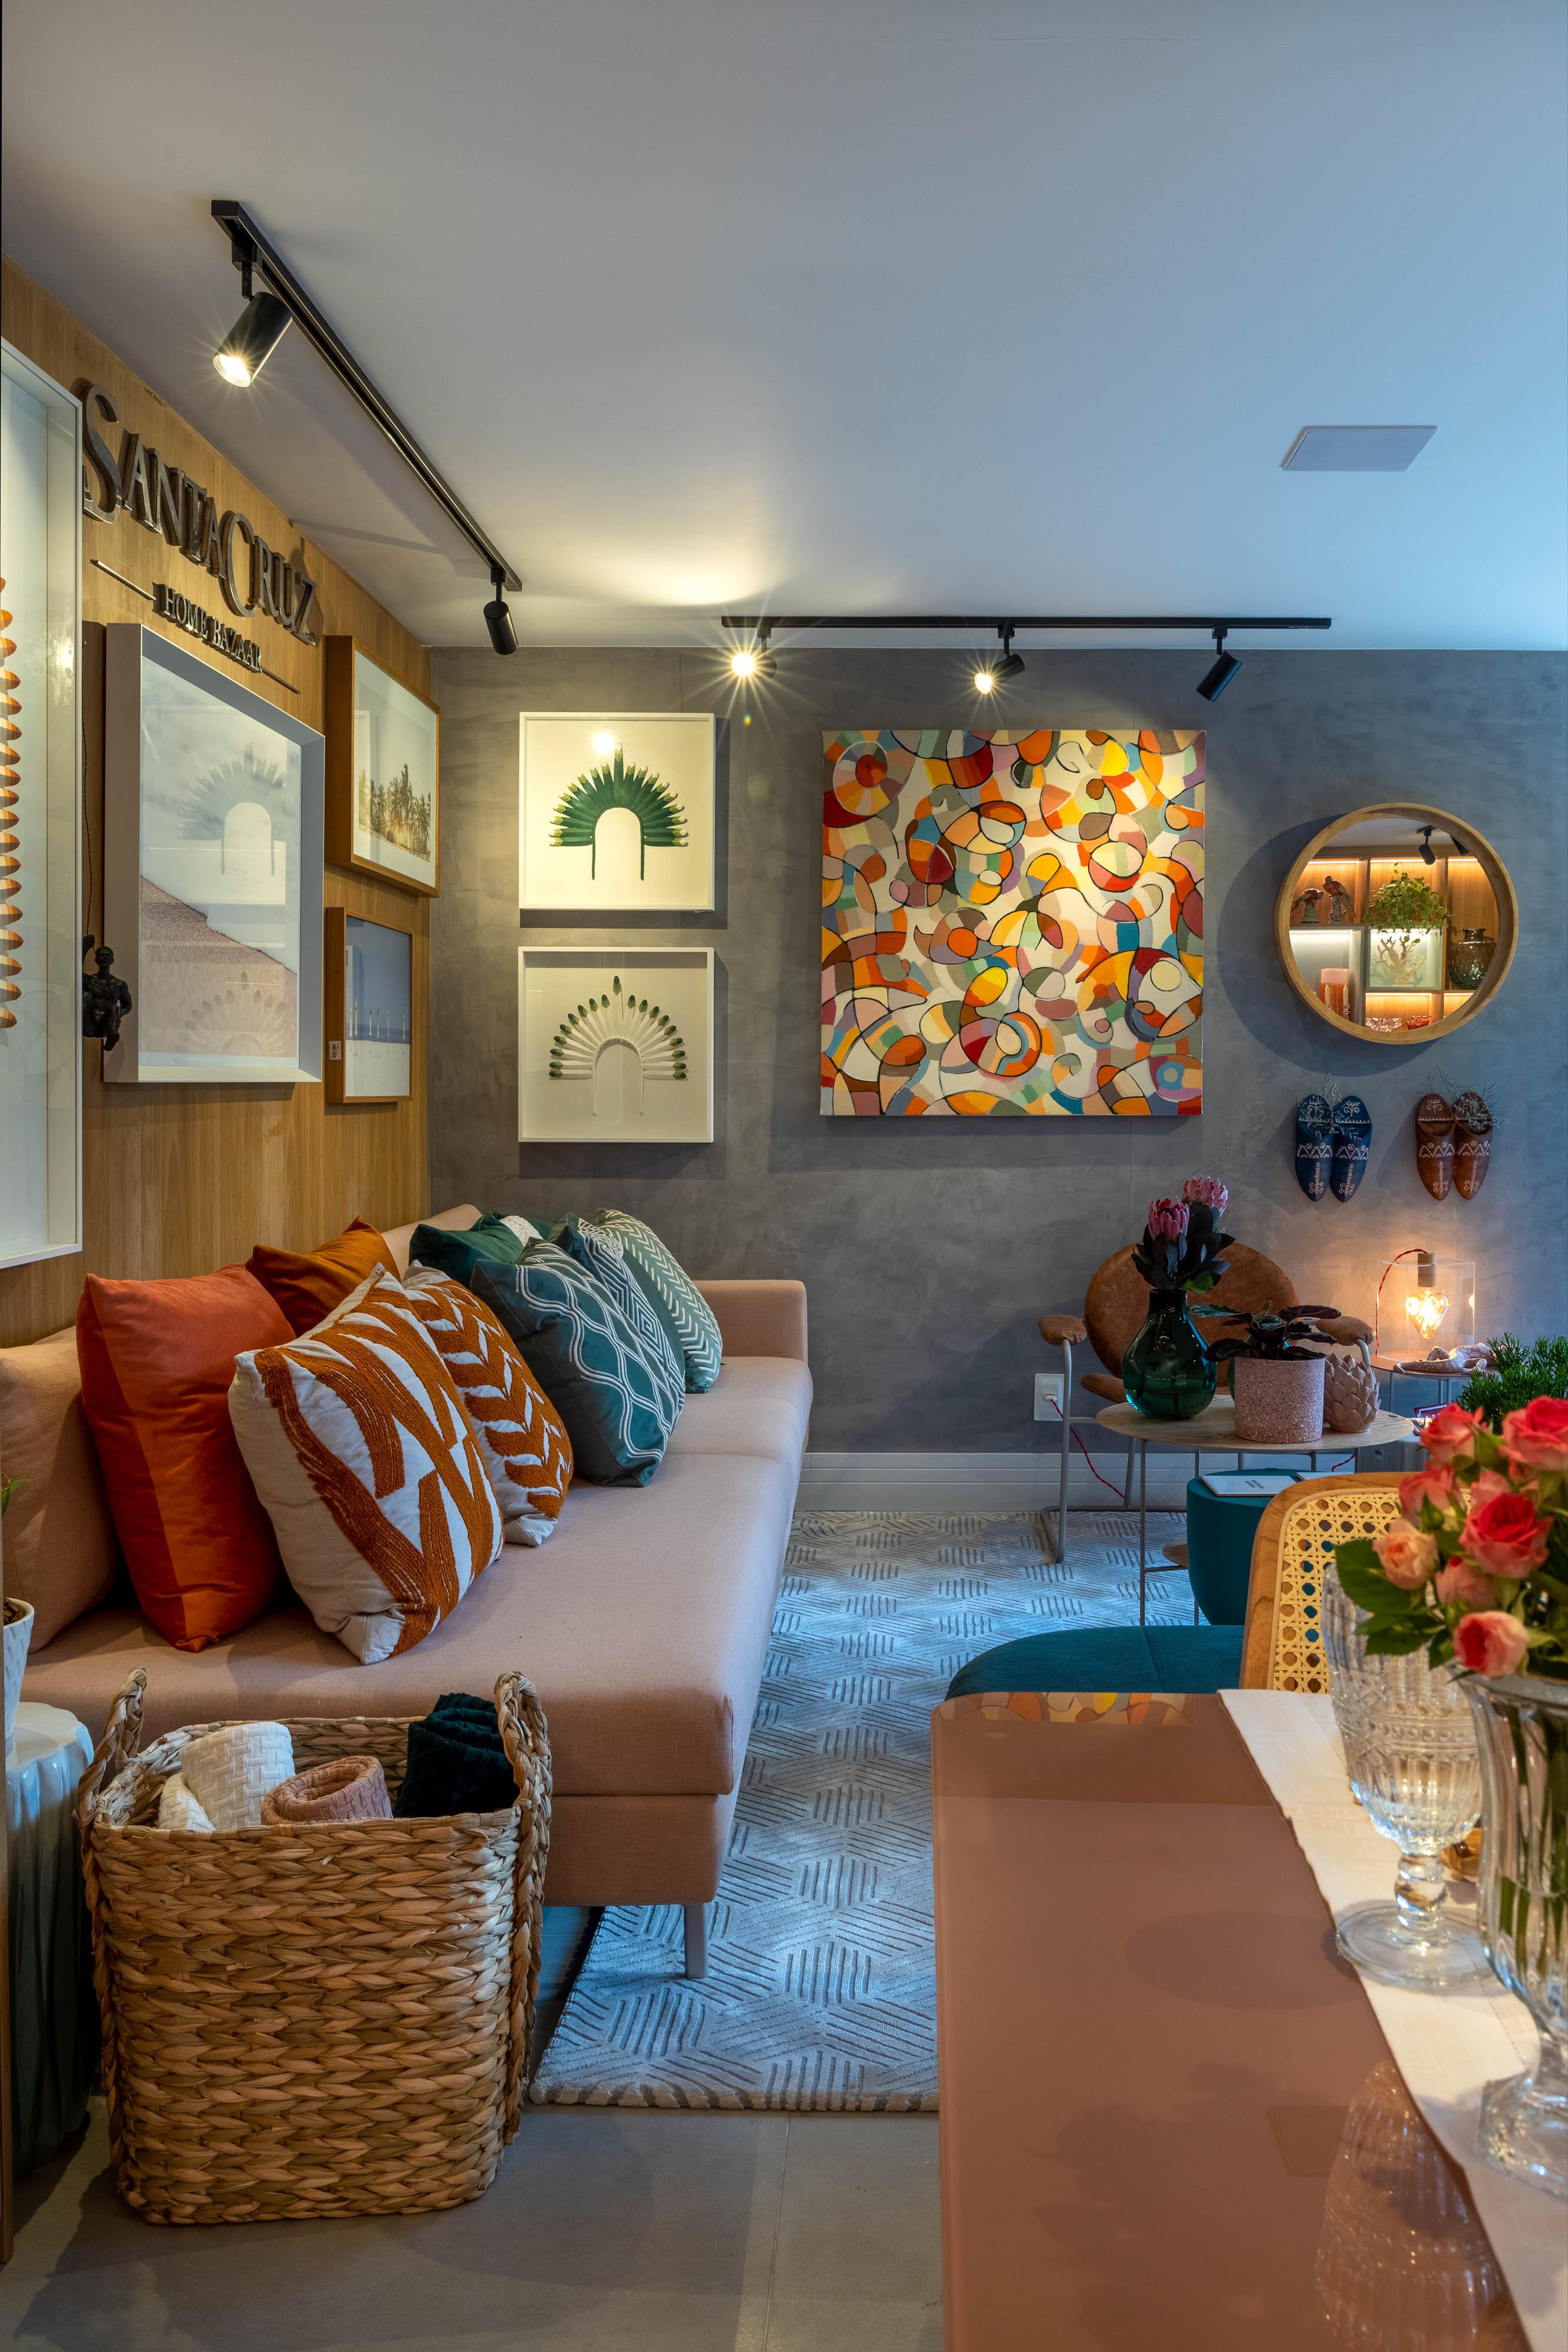 Sala de estar com quadros coloridos, sofás em tons de rosa e almofadas coloridas